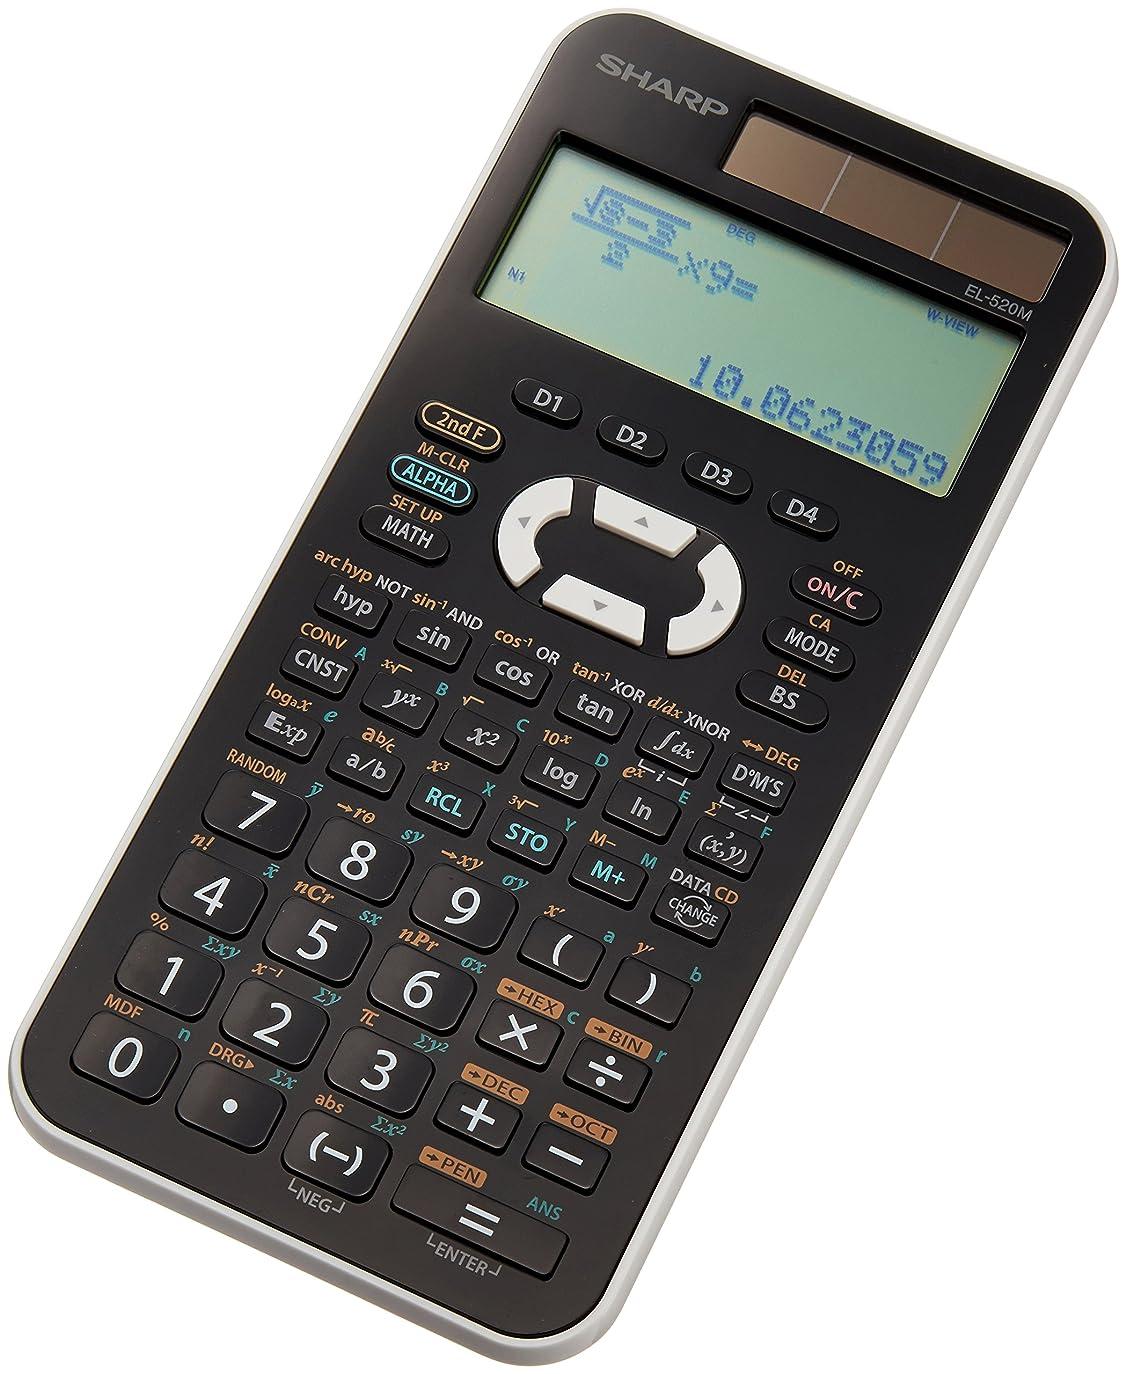 またね売上高天国シャープ 関数電卓 473関数機能 式通り入力表示 スライド式ハードケースタイプ EL-520MX